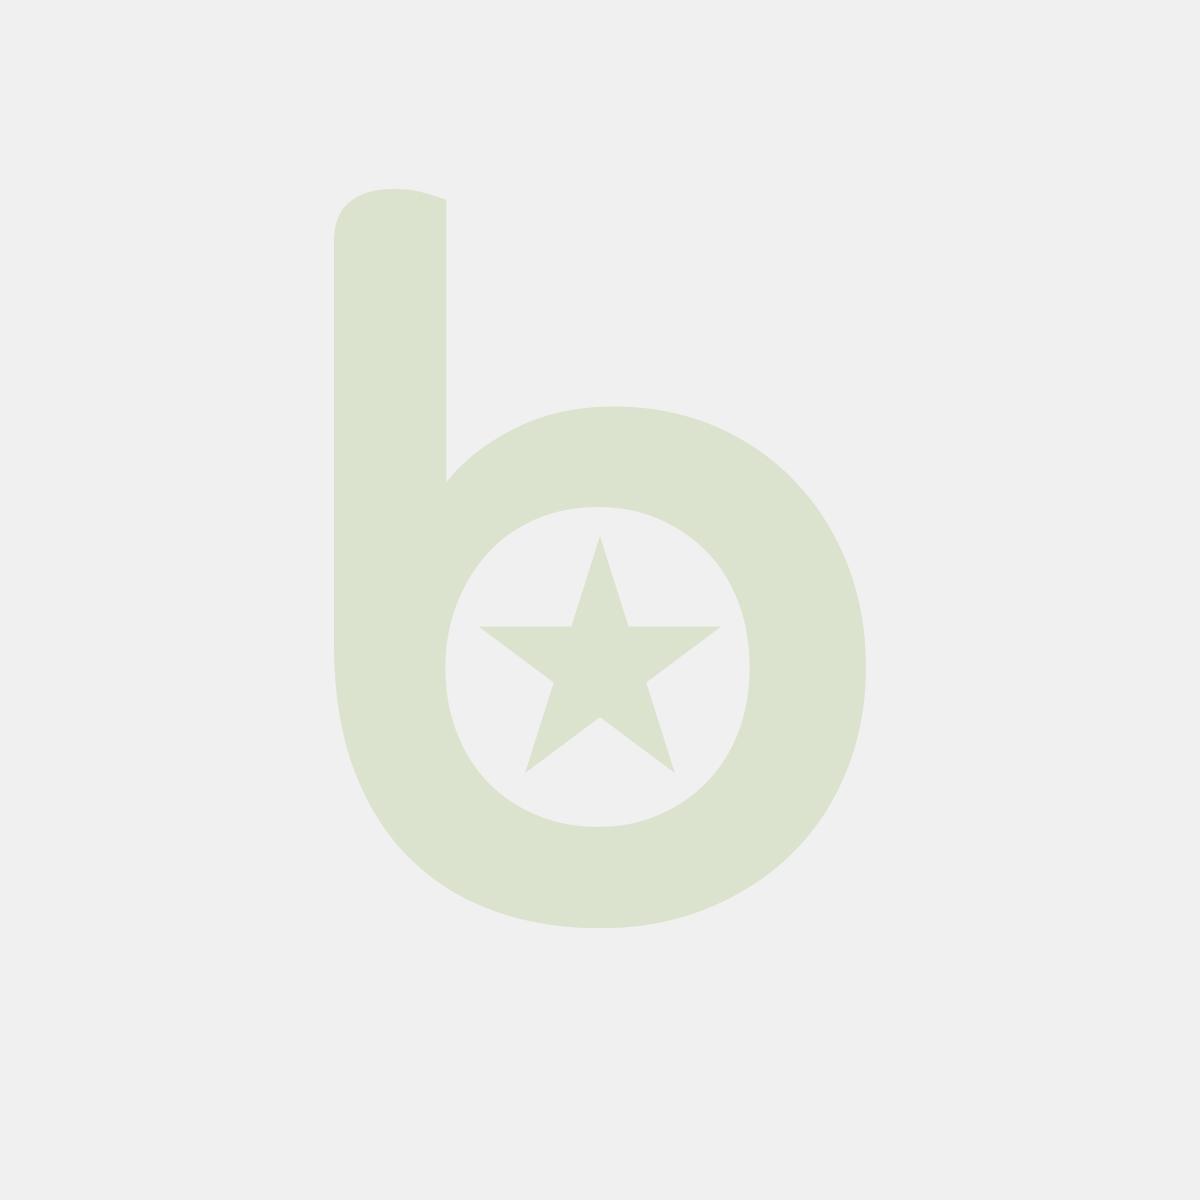 FINGERFOOD - trójkąt mały 45ml, zdobiony brokatem 50x50x40mm DUNI AMUSE-BOUCHE, op. 90 sztuk